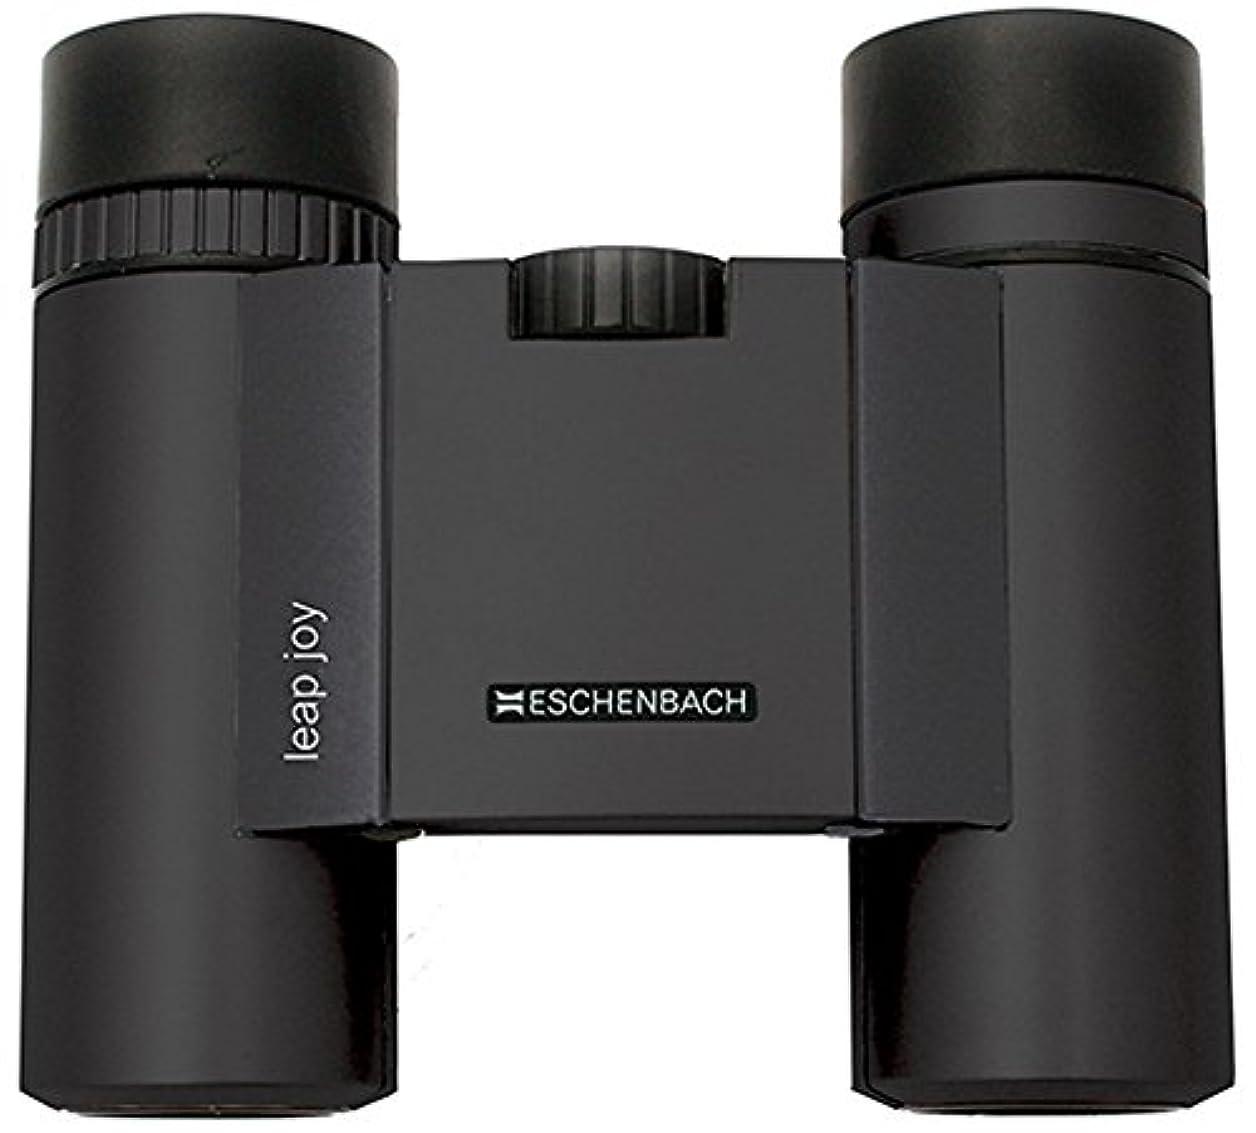 狂気良性魅力的であることへのアピールESCHENBACH 双眼鏡 リープジョイ ダハプリズム式 倍率8倍 21ミリ口径 ブラック 2996-L2821